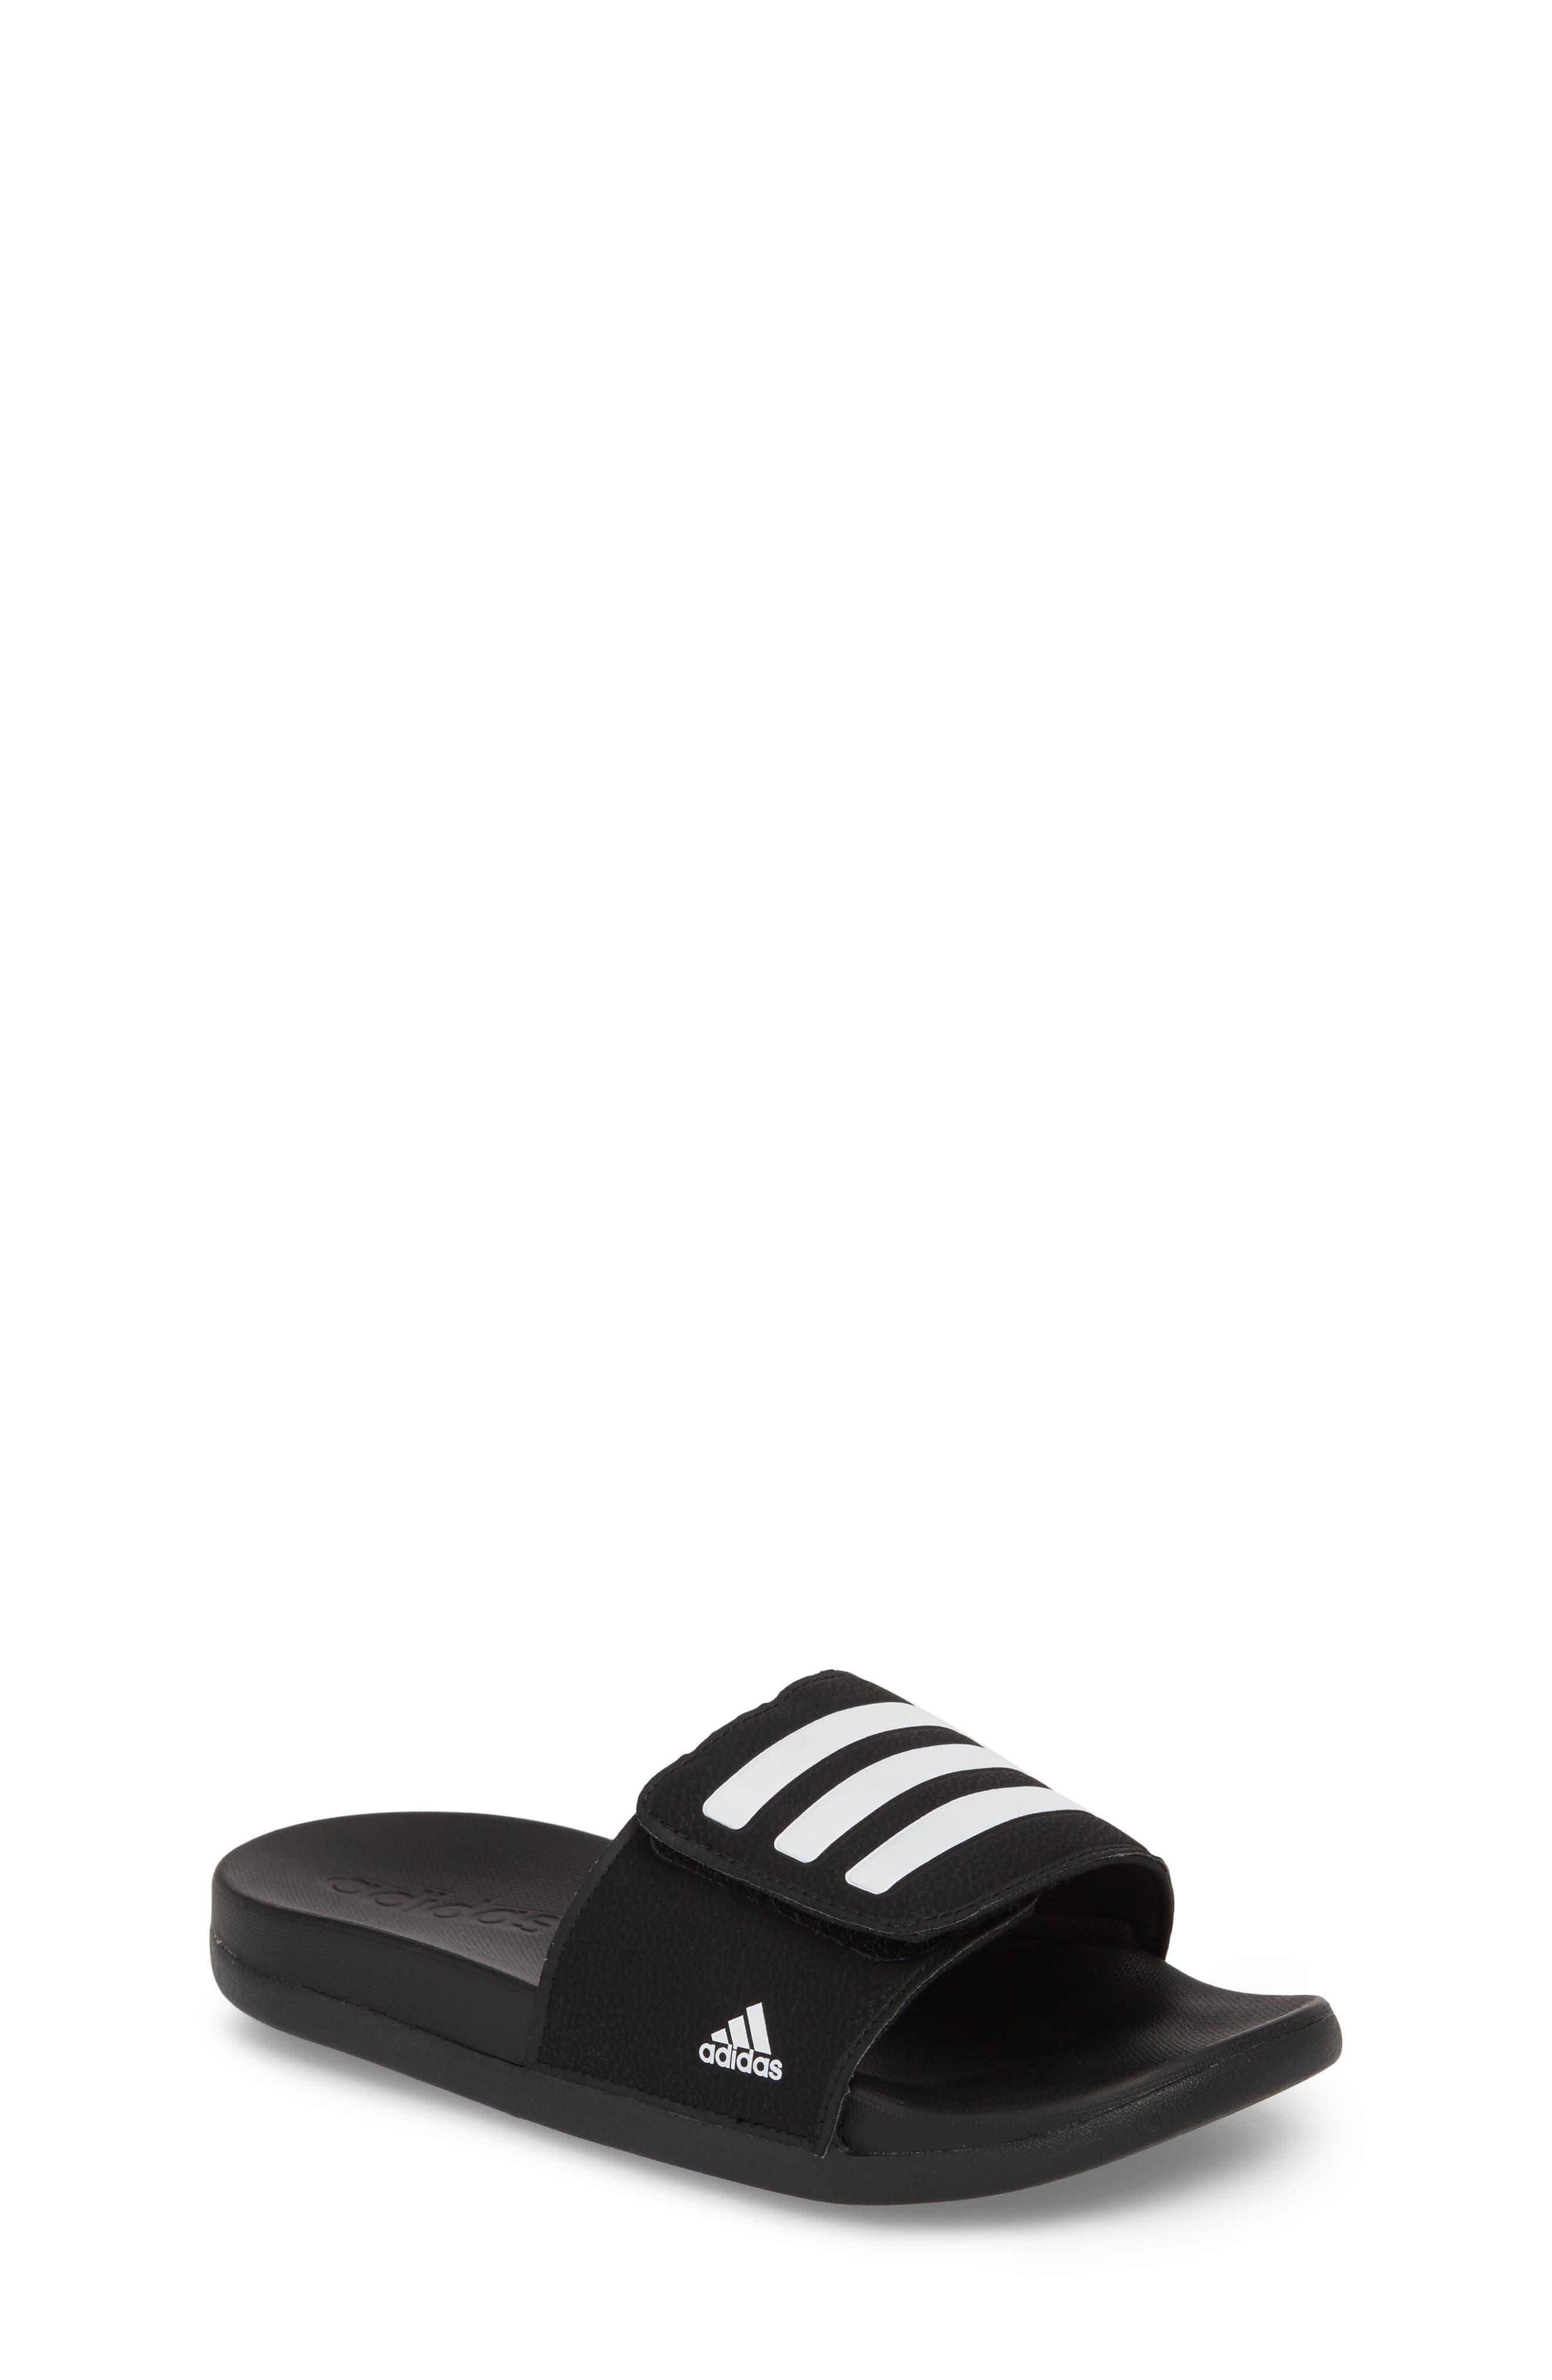 Adilette Slide Sandal,                         Main,                         color, Black/ White